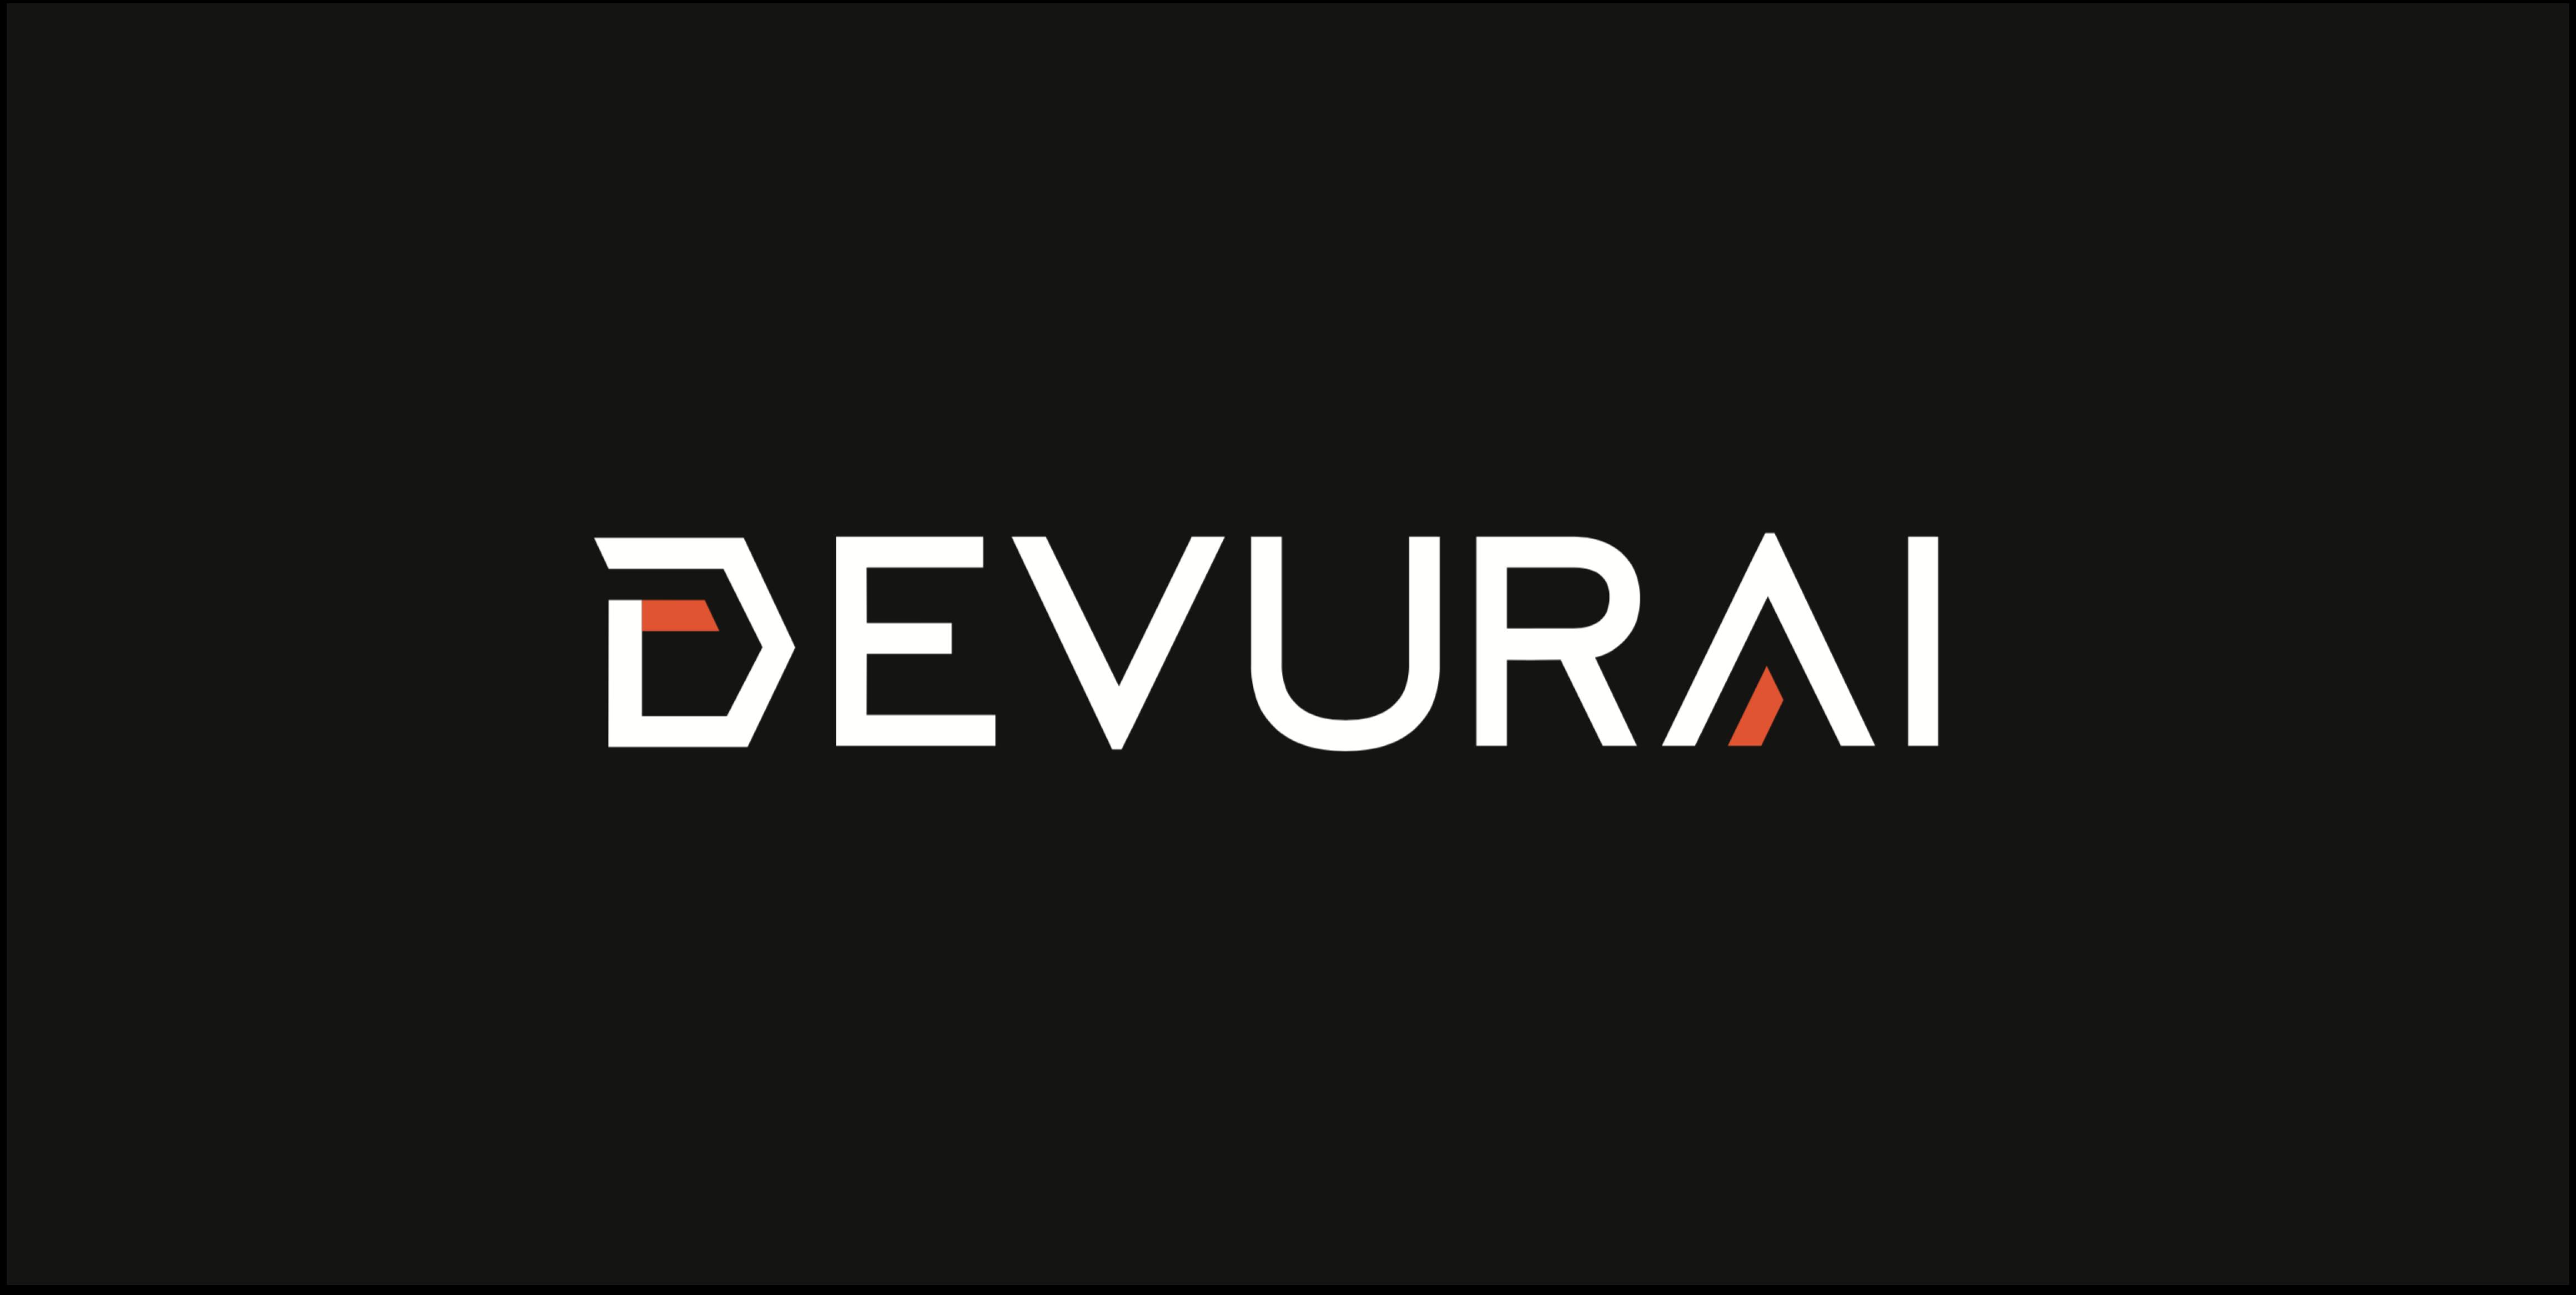 Devurai. Logo